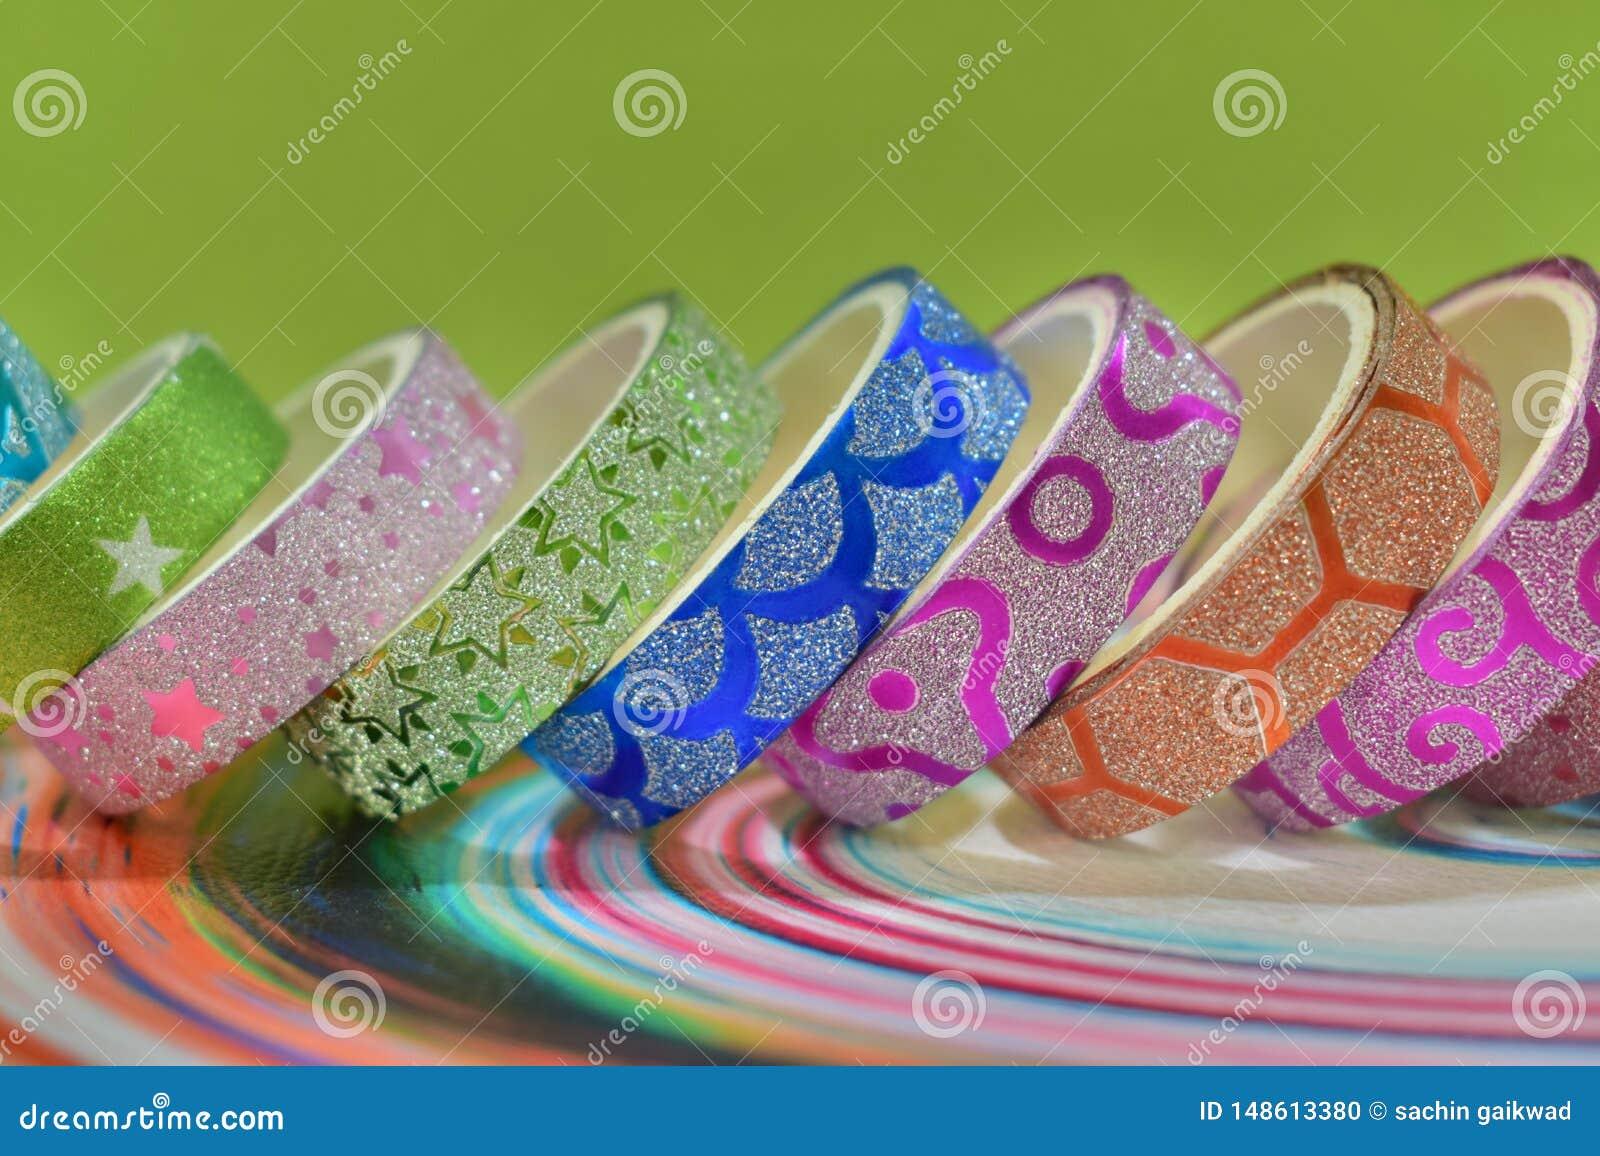 La bella struttura Colourful di scintillio ha progettato il nastro adesivo per il mestiere di arte